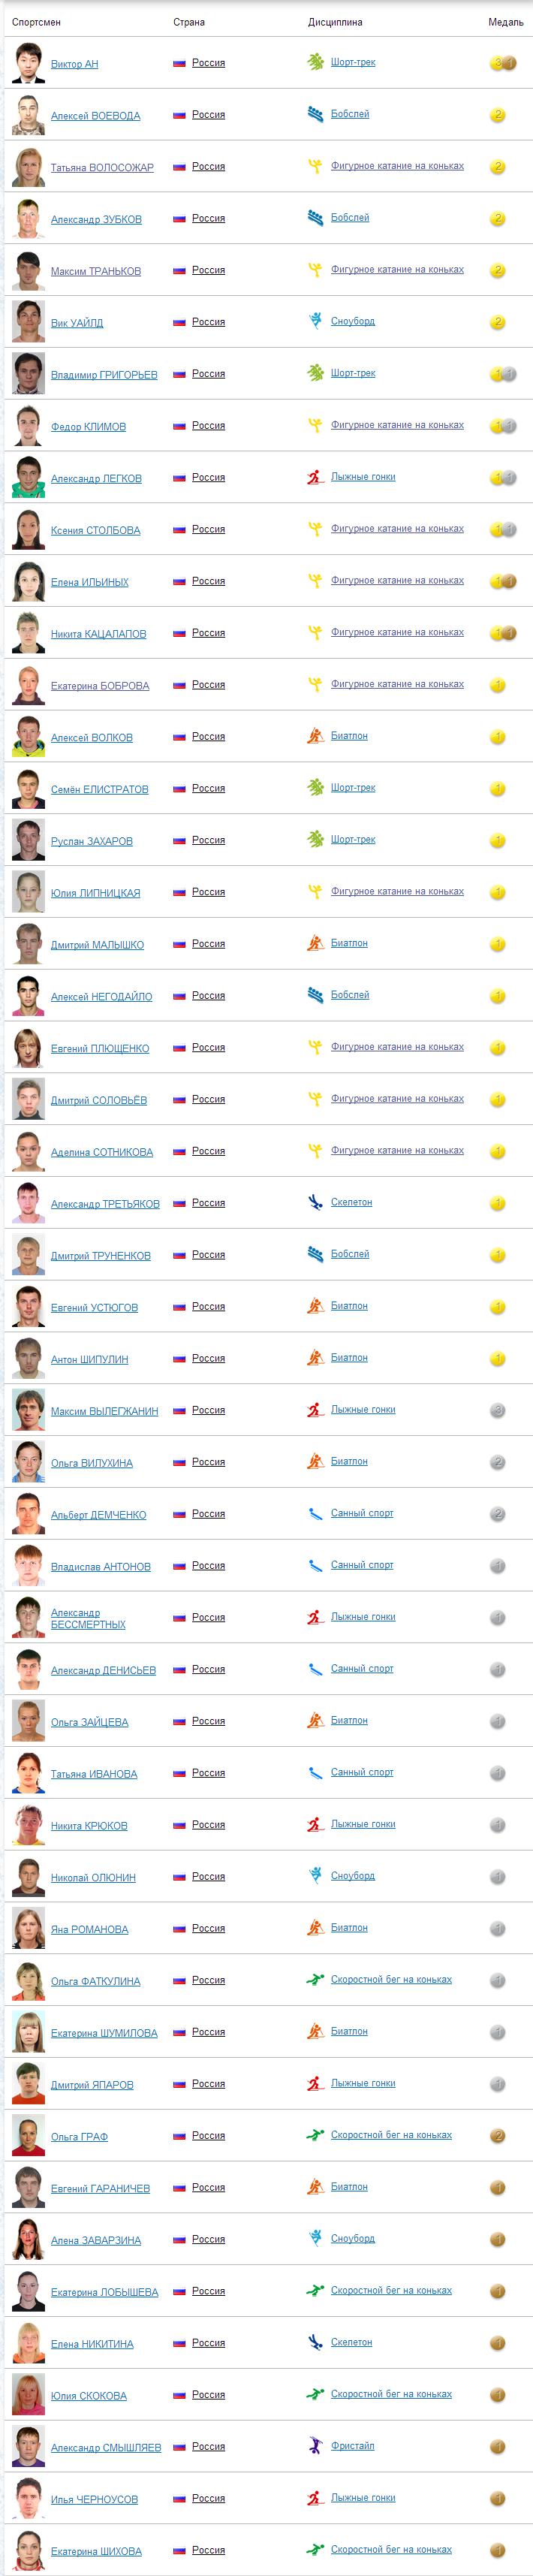 Список российских спортсменов завоевавших медали в соревнованиях.